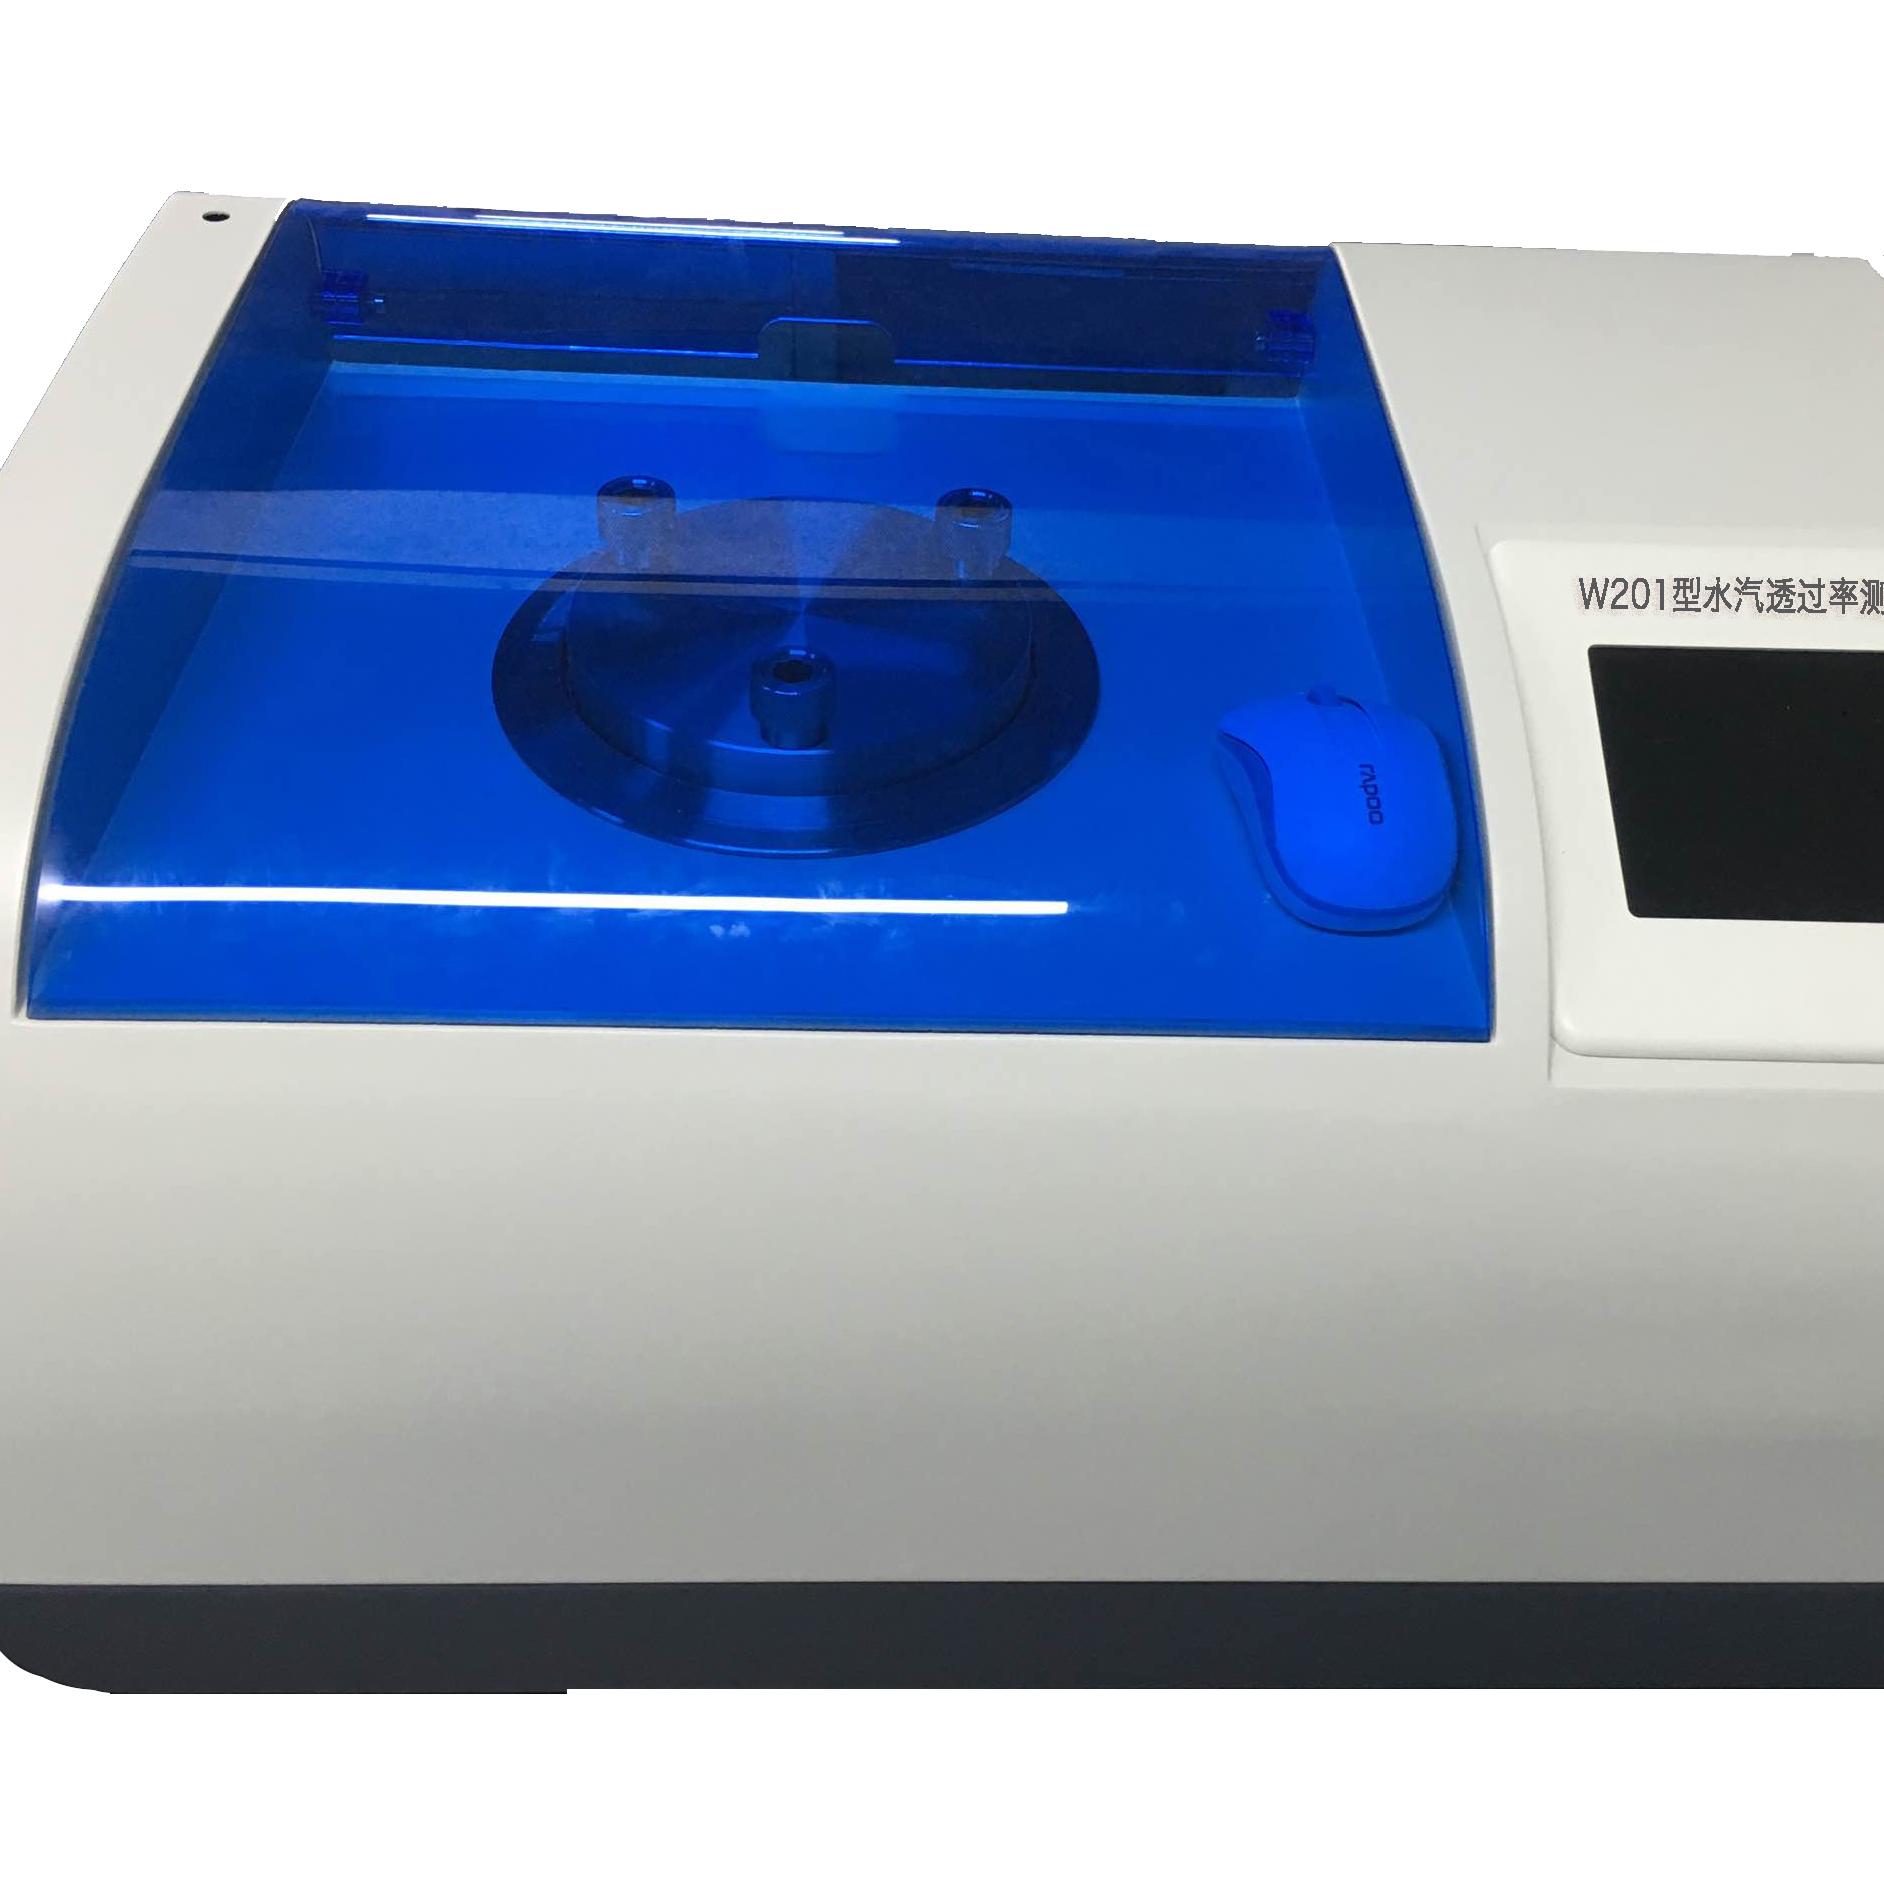 广州标际W401红外法透湿仪_红外法透湿性测试仪